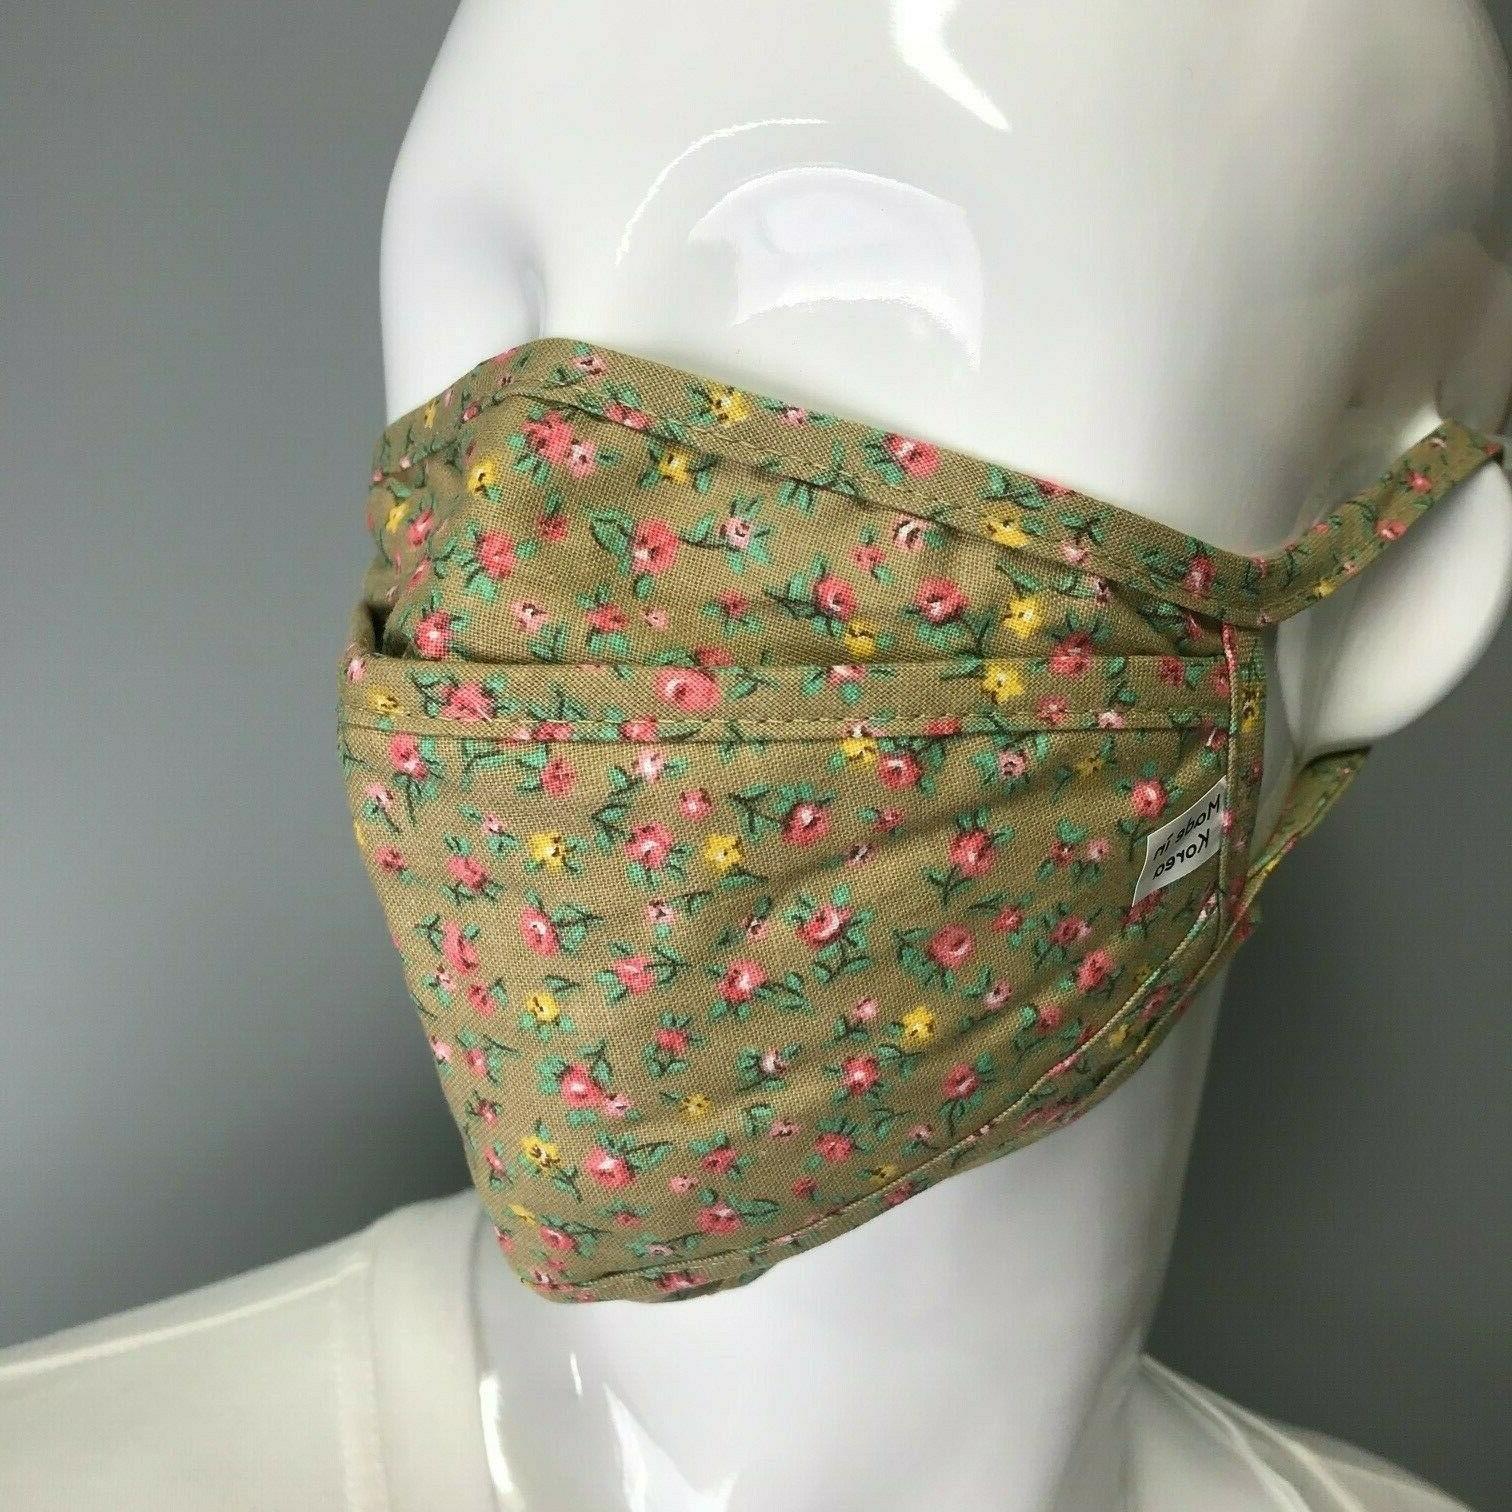 Handmade in Face Masks Filter pocket, Shape kf94, Washable-